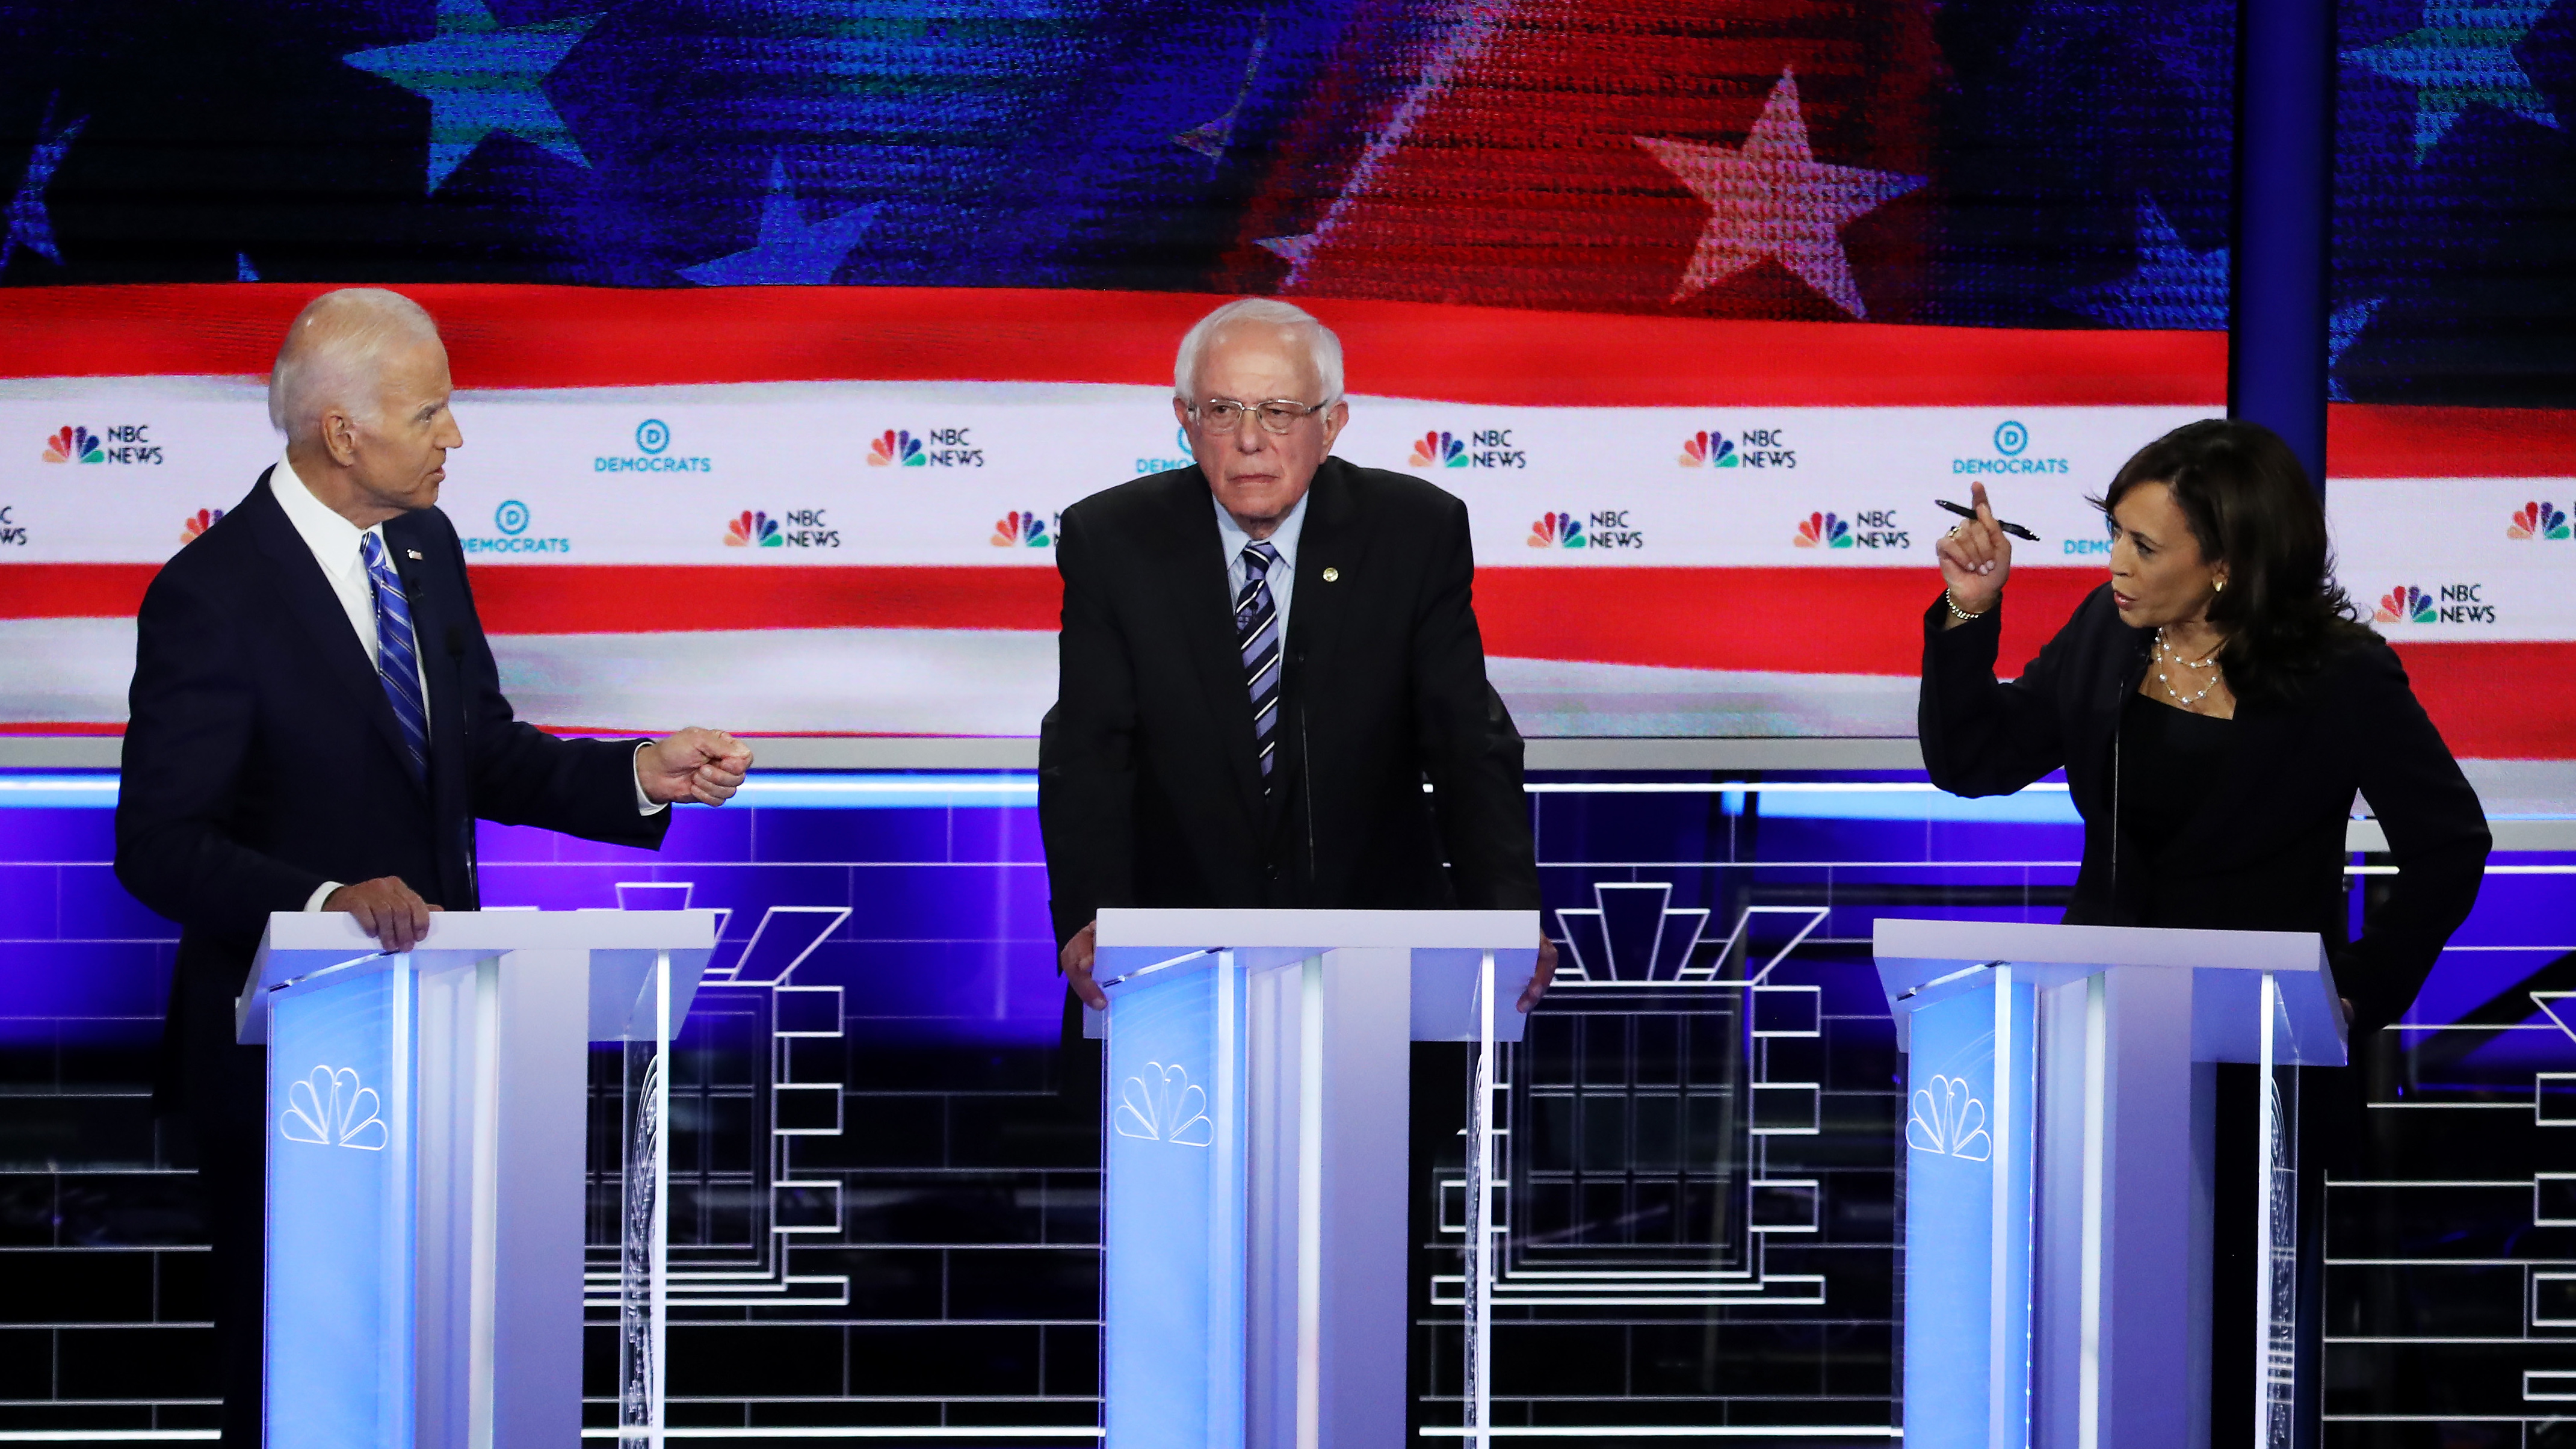 2nd Democratic Primary Debate Matchups Set: Sanders Vs. Warren and Biden Vs. Harris